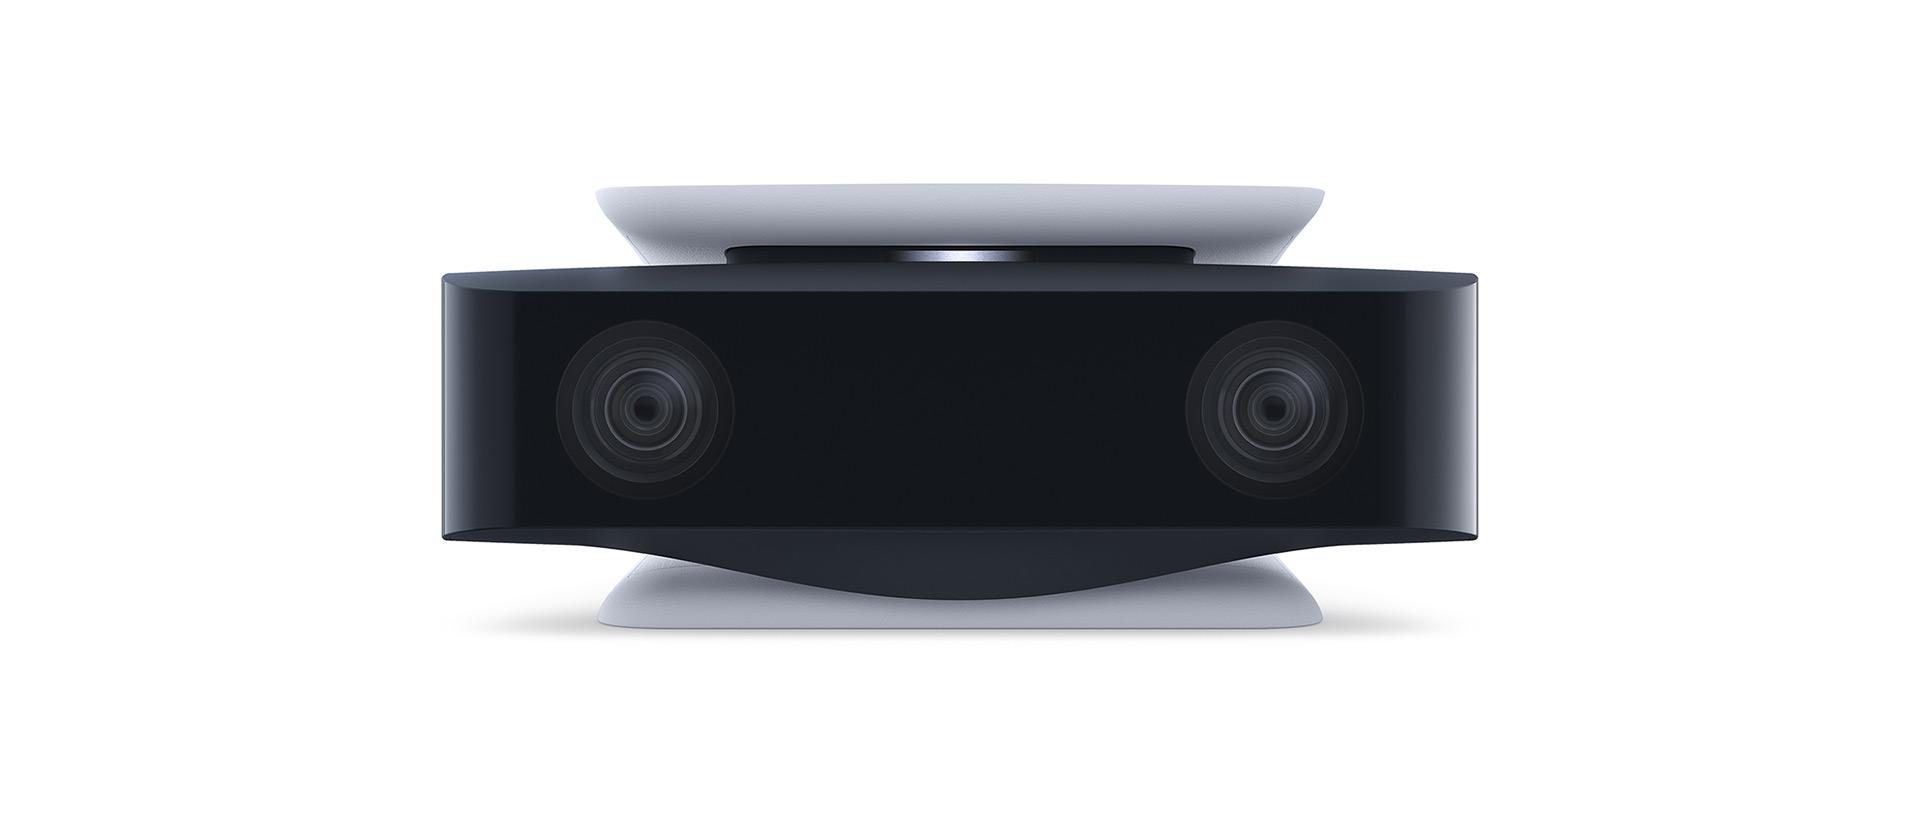 Обзор аксессуаров PlayStation 5 — пульт, гарнитура и другое